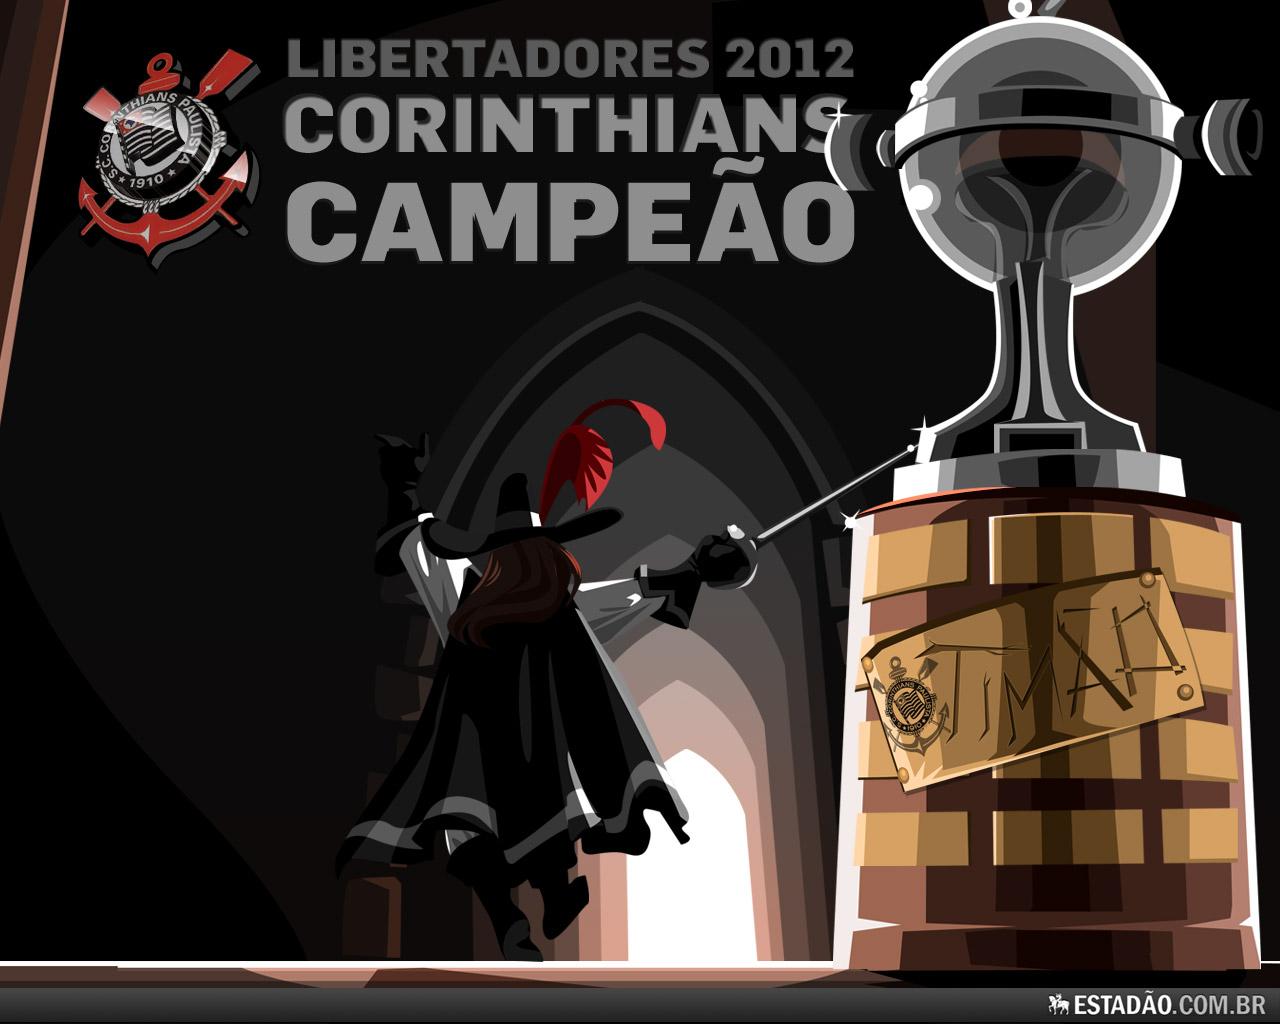 Wallpaper Corinthians Campeão da Libertadores 2012 - 14